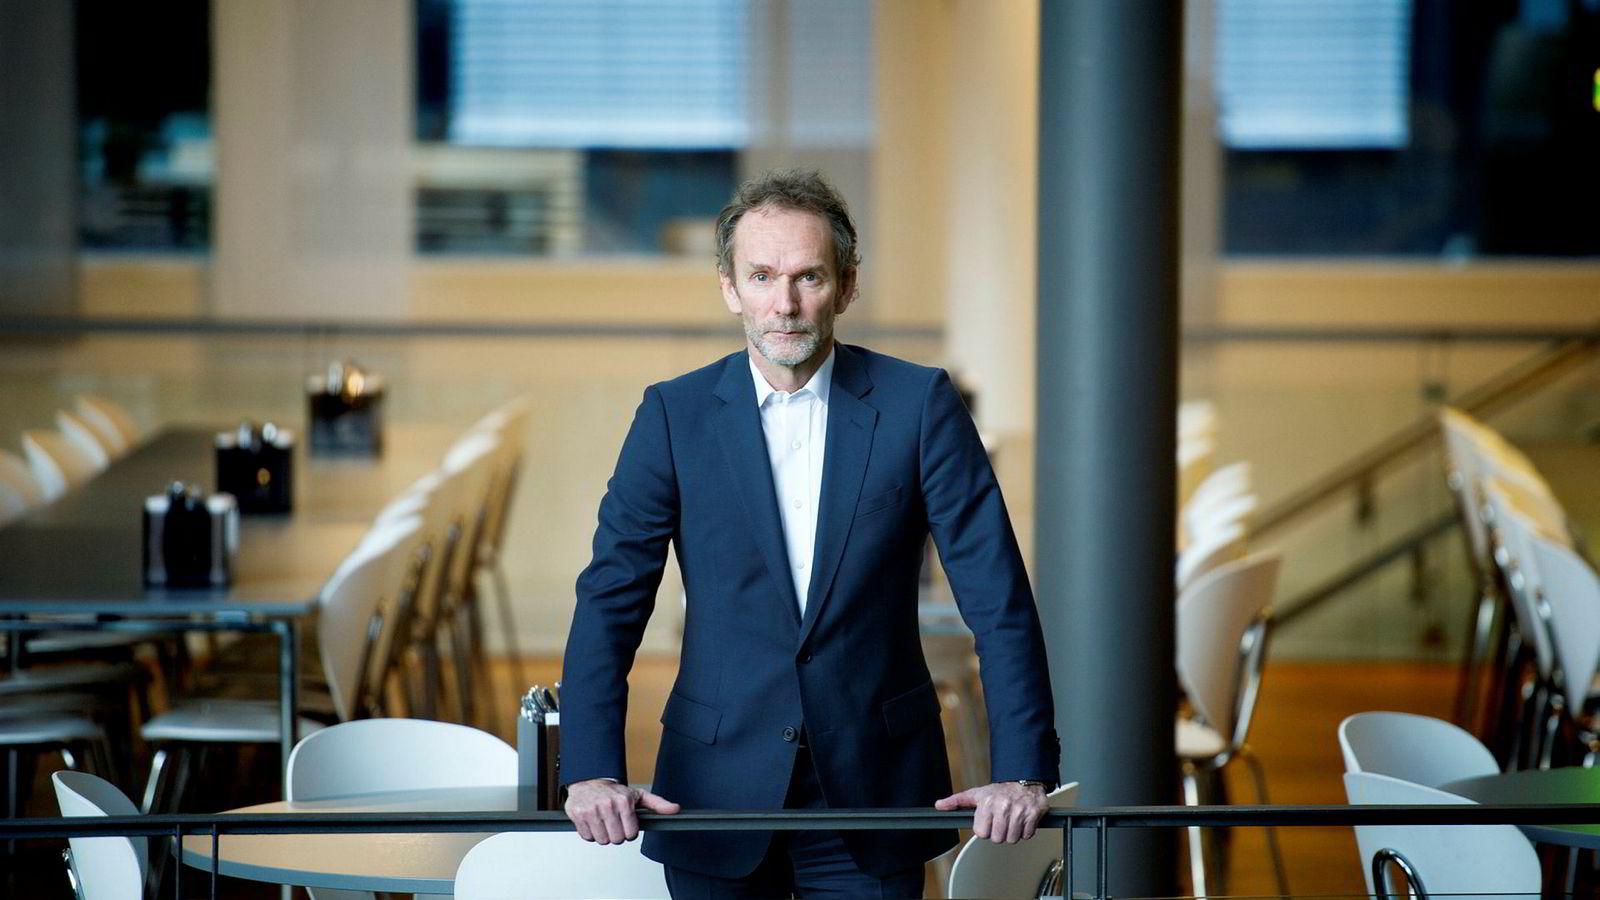 – Volumveksten kan komme opp i 12 til 15 prosent, sier sjeføkonom Harald Magnus Andreassen etter publiseringen av fersk oljetelling.